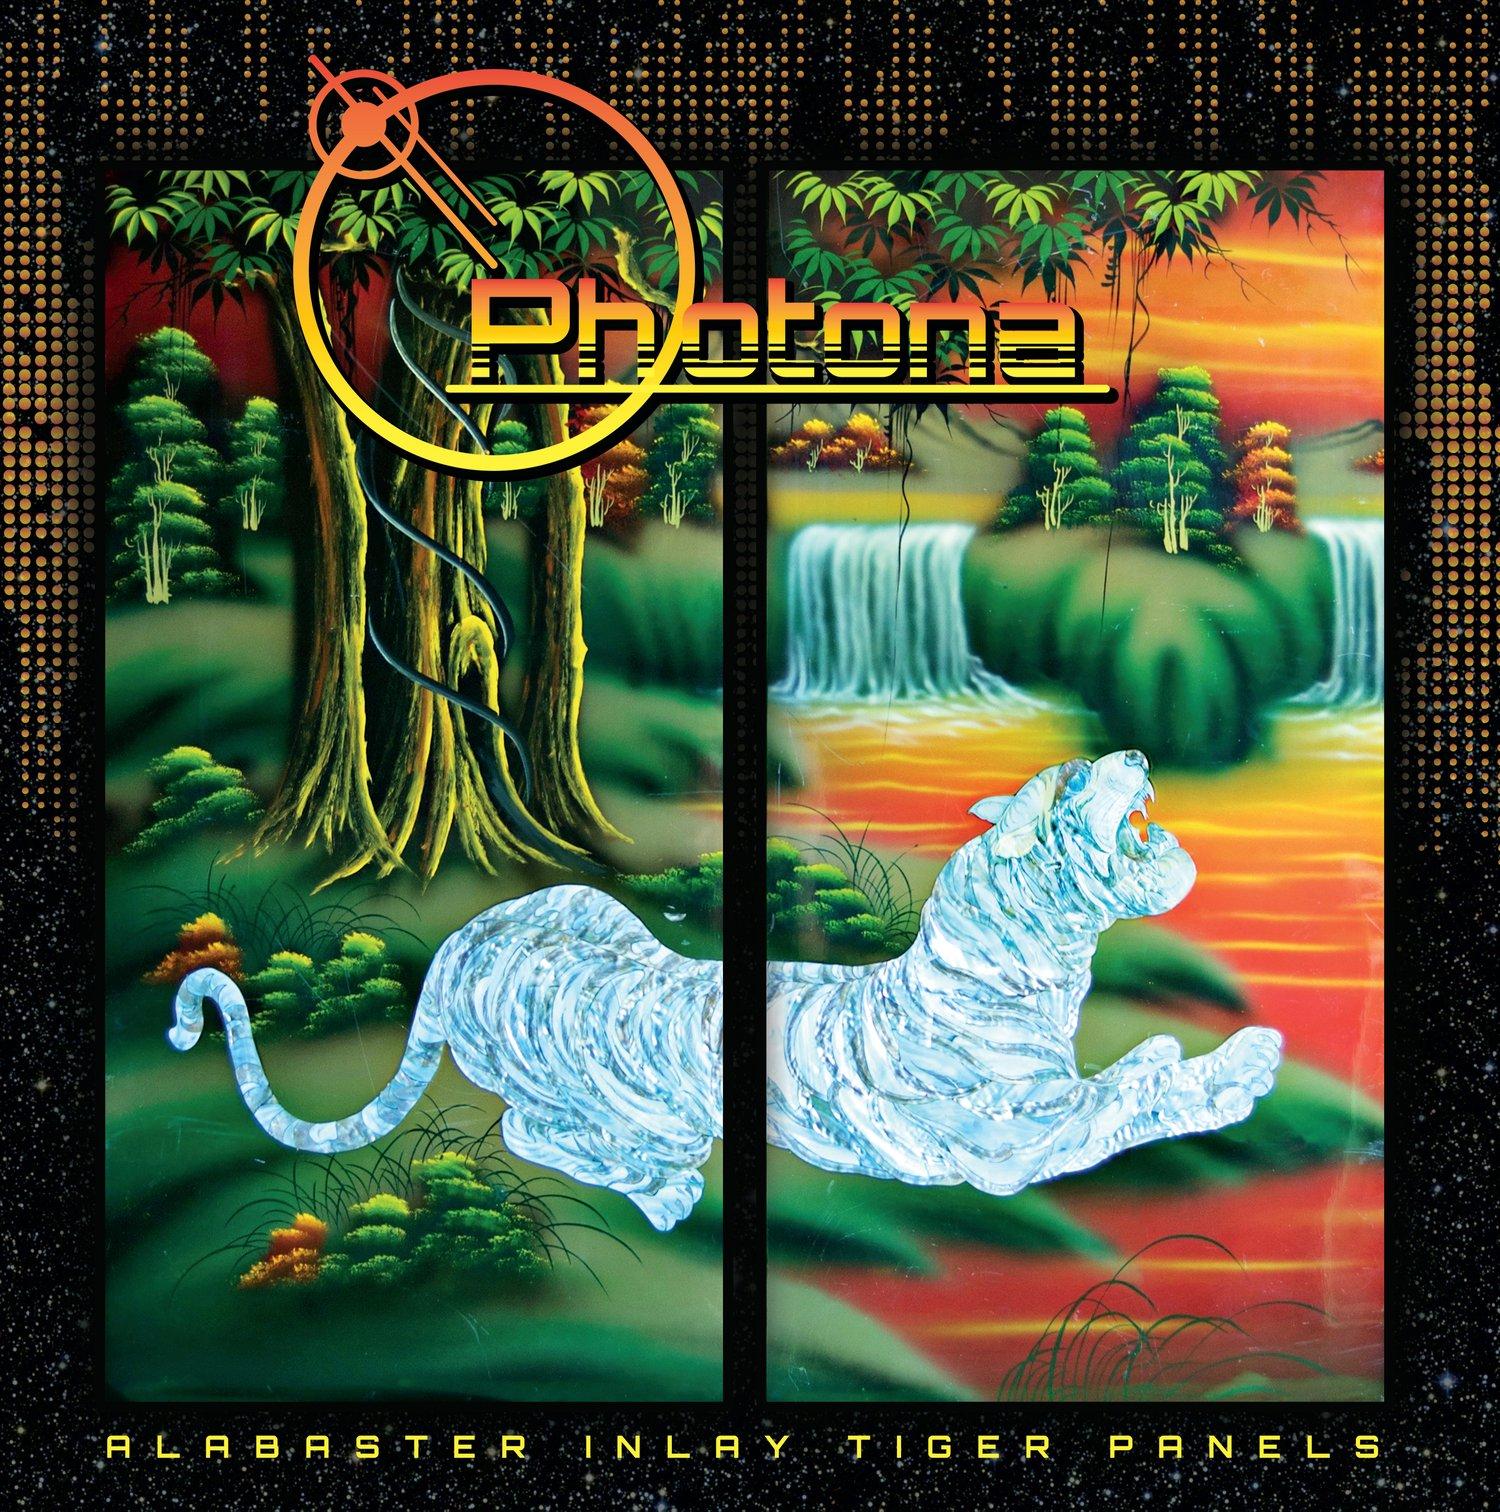 Image of PHONTONA-Alabaster Inlay Tiger Panels VINYL and CD